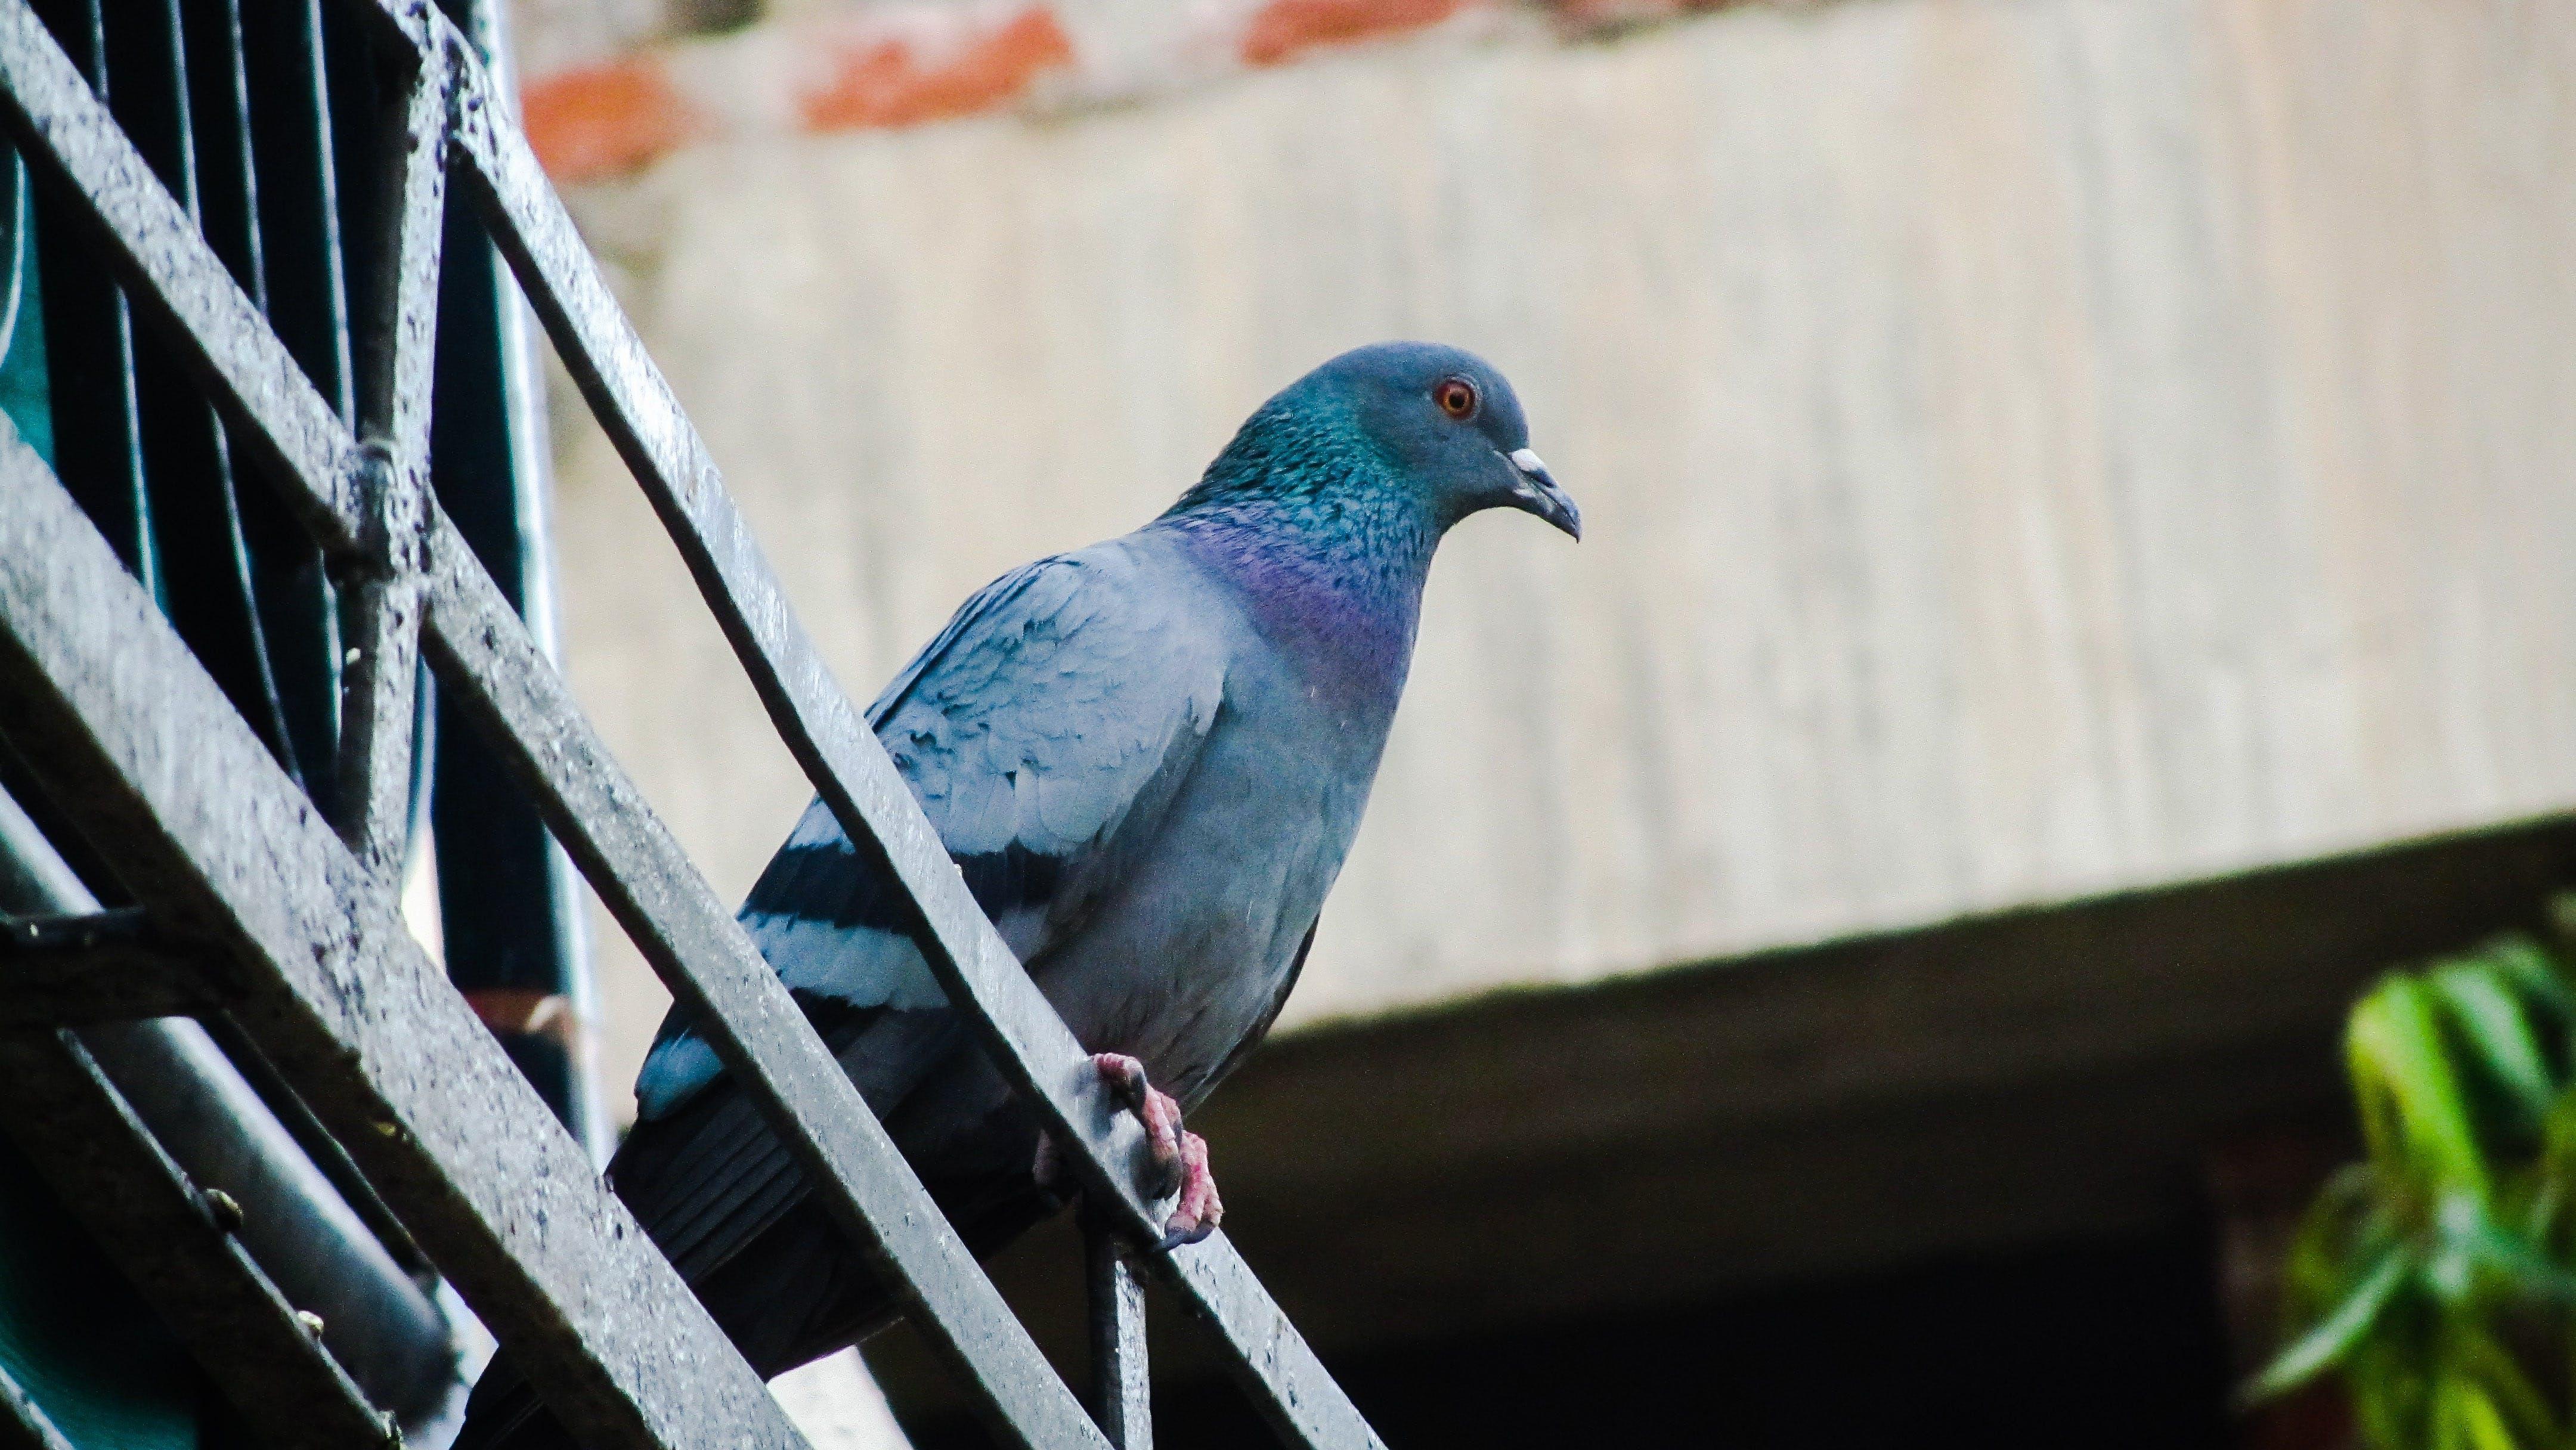 Blue Pigeon on Metal Rail